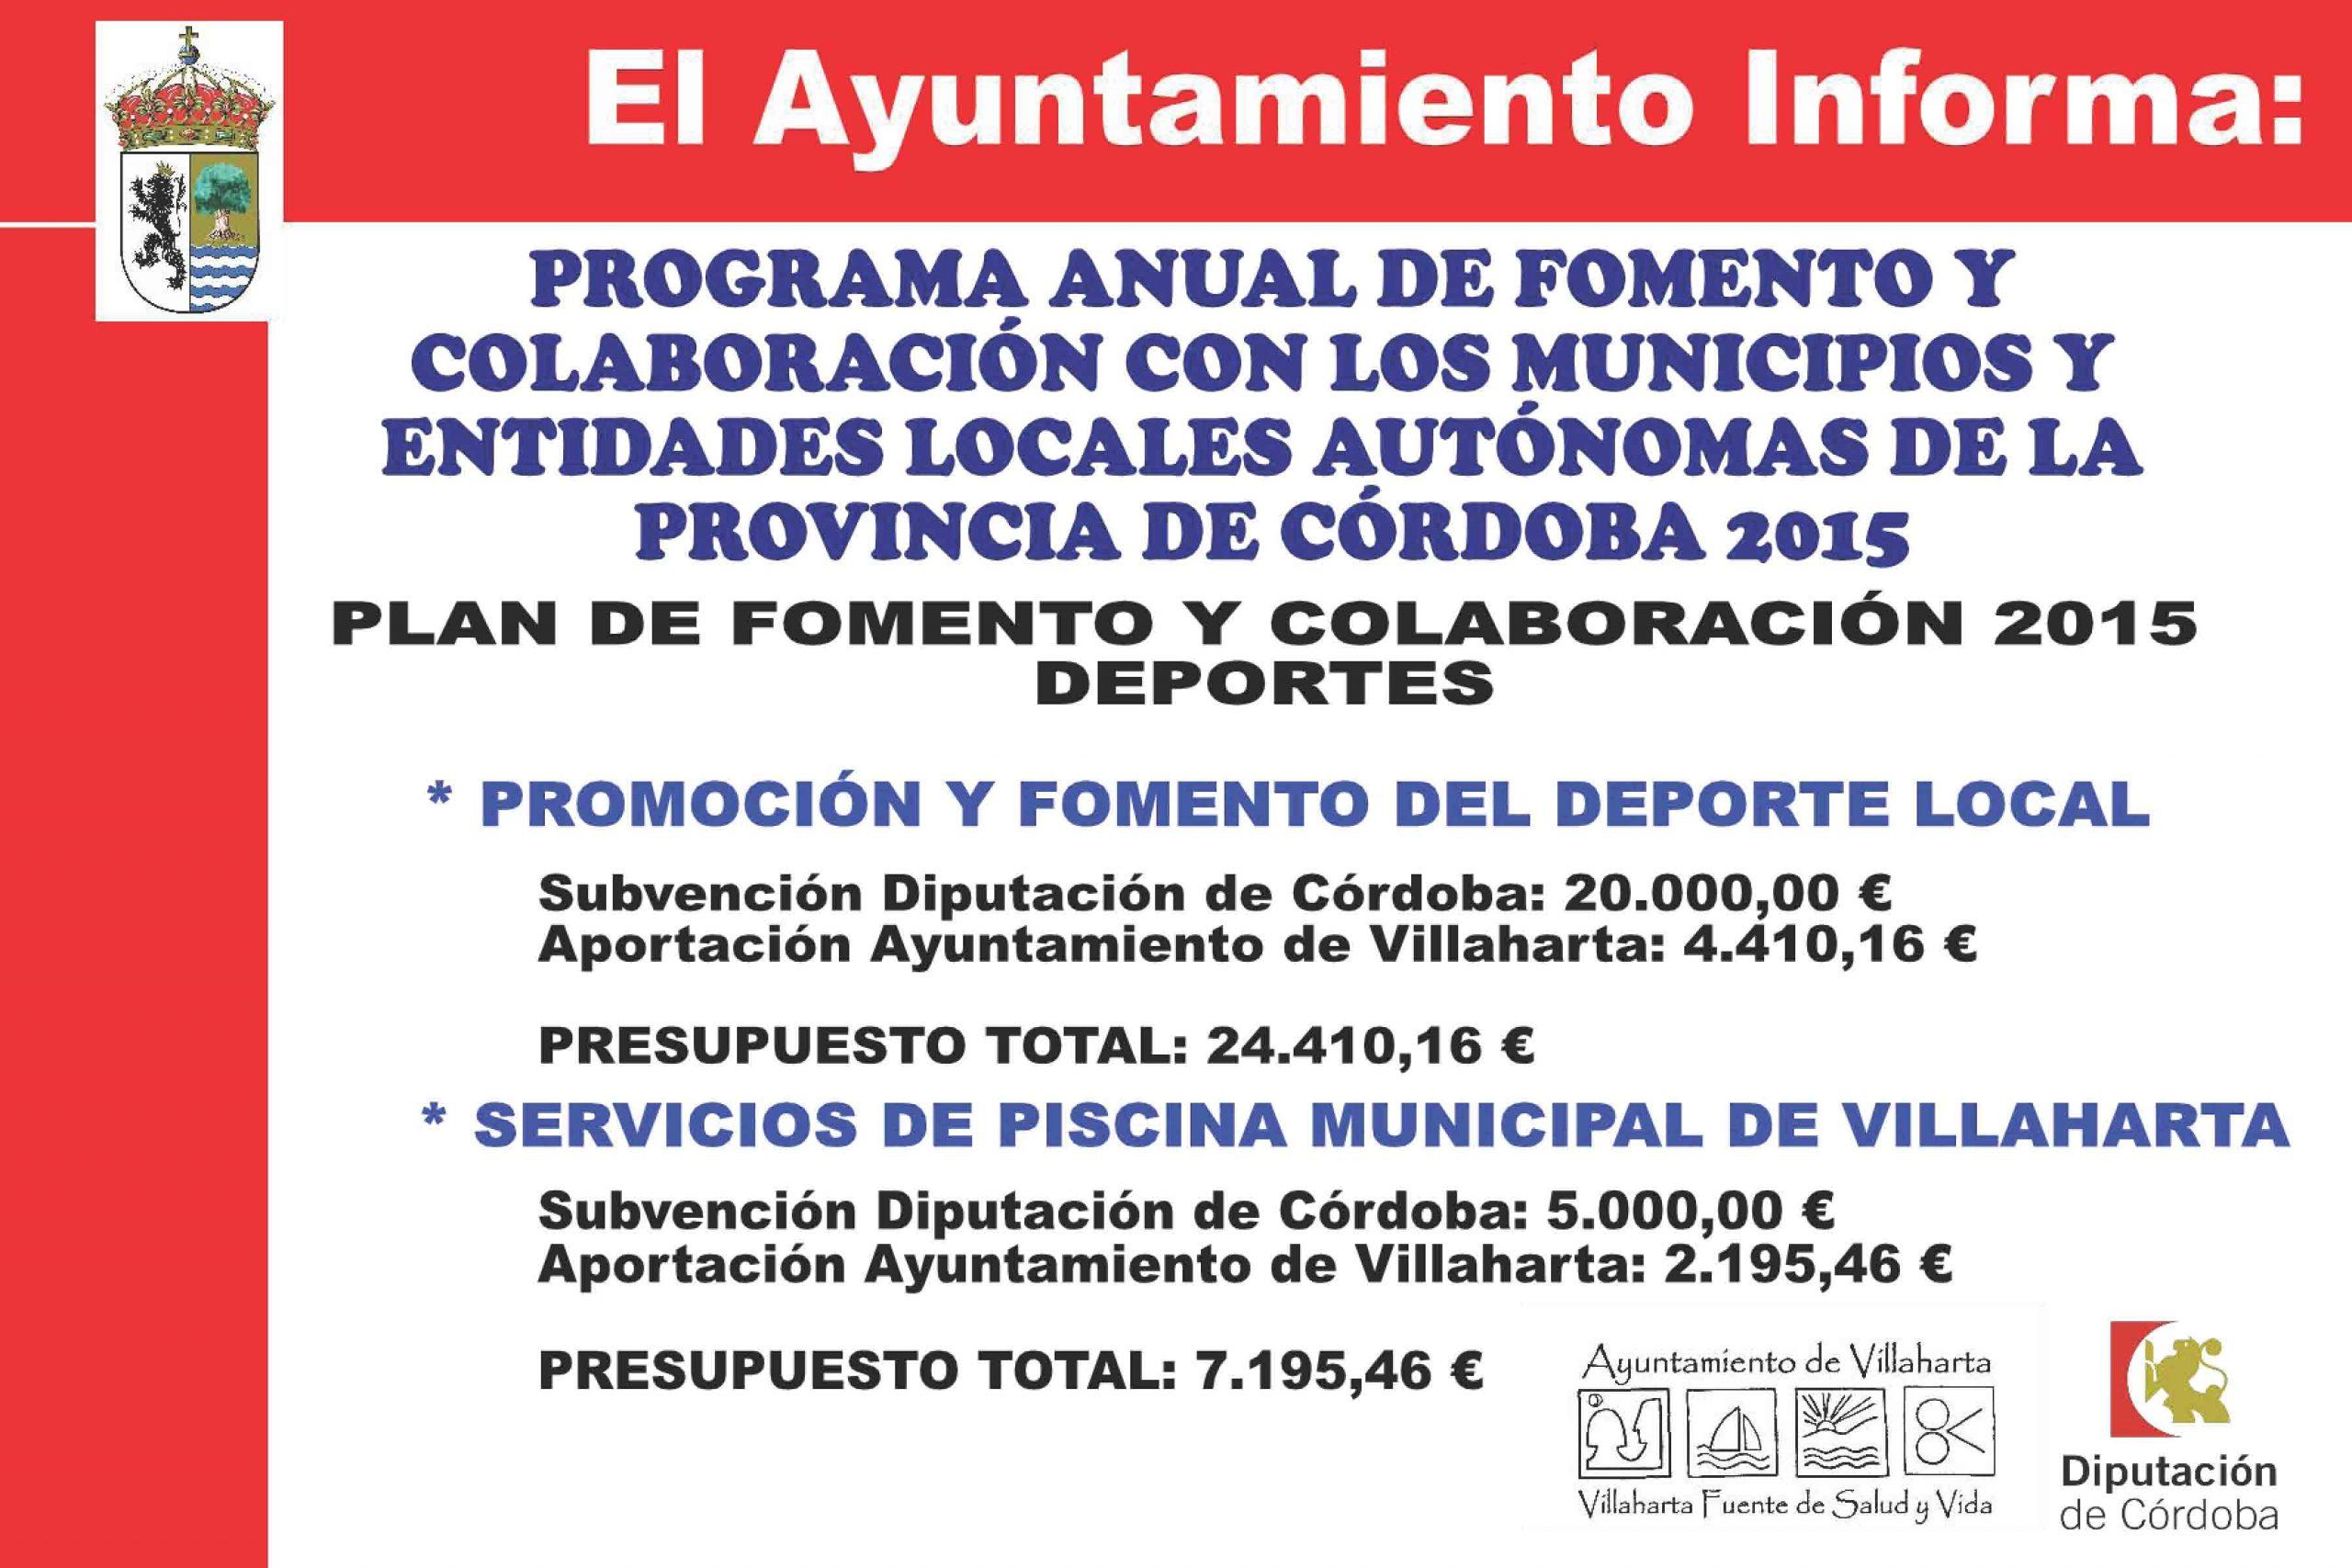 SUBVENCIONES RECIBIDAS. 2015 12